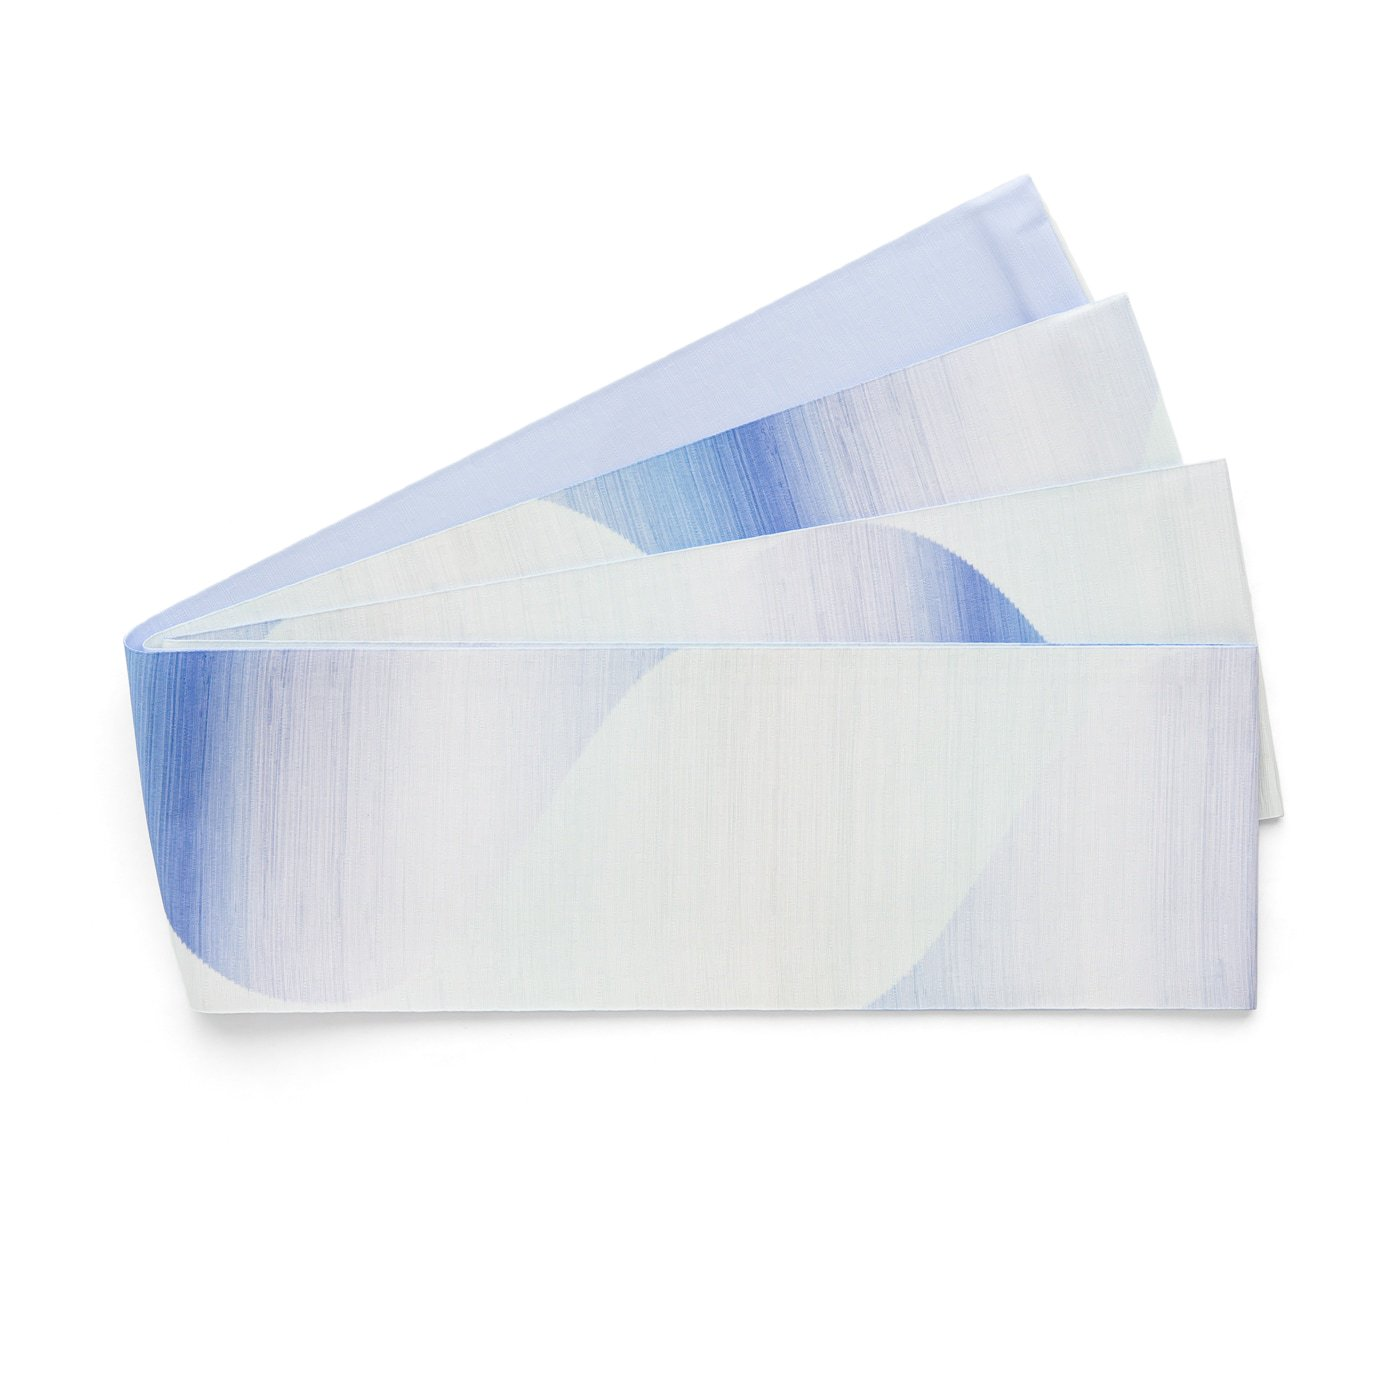 「長尺半幅帯 曲線暈し 青紫」の商品画像